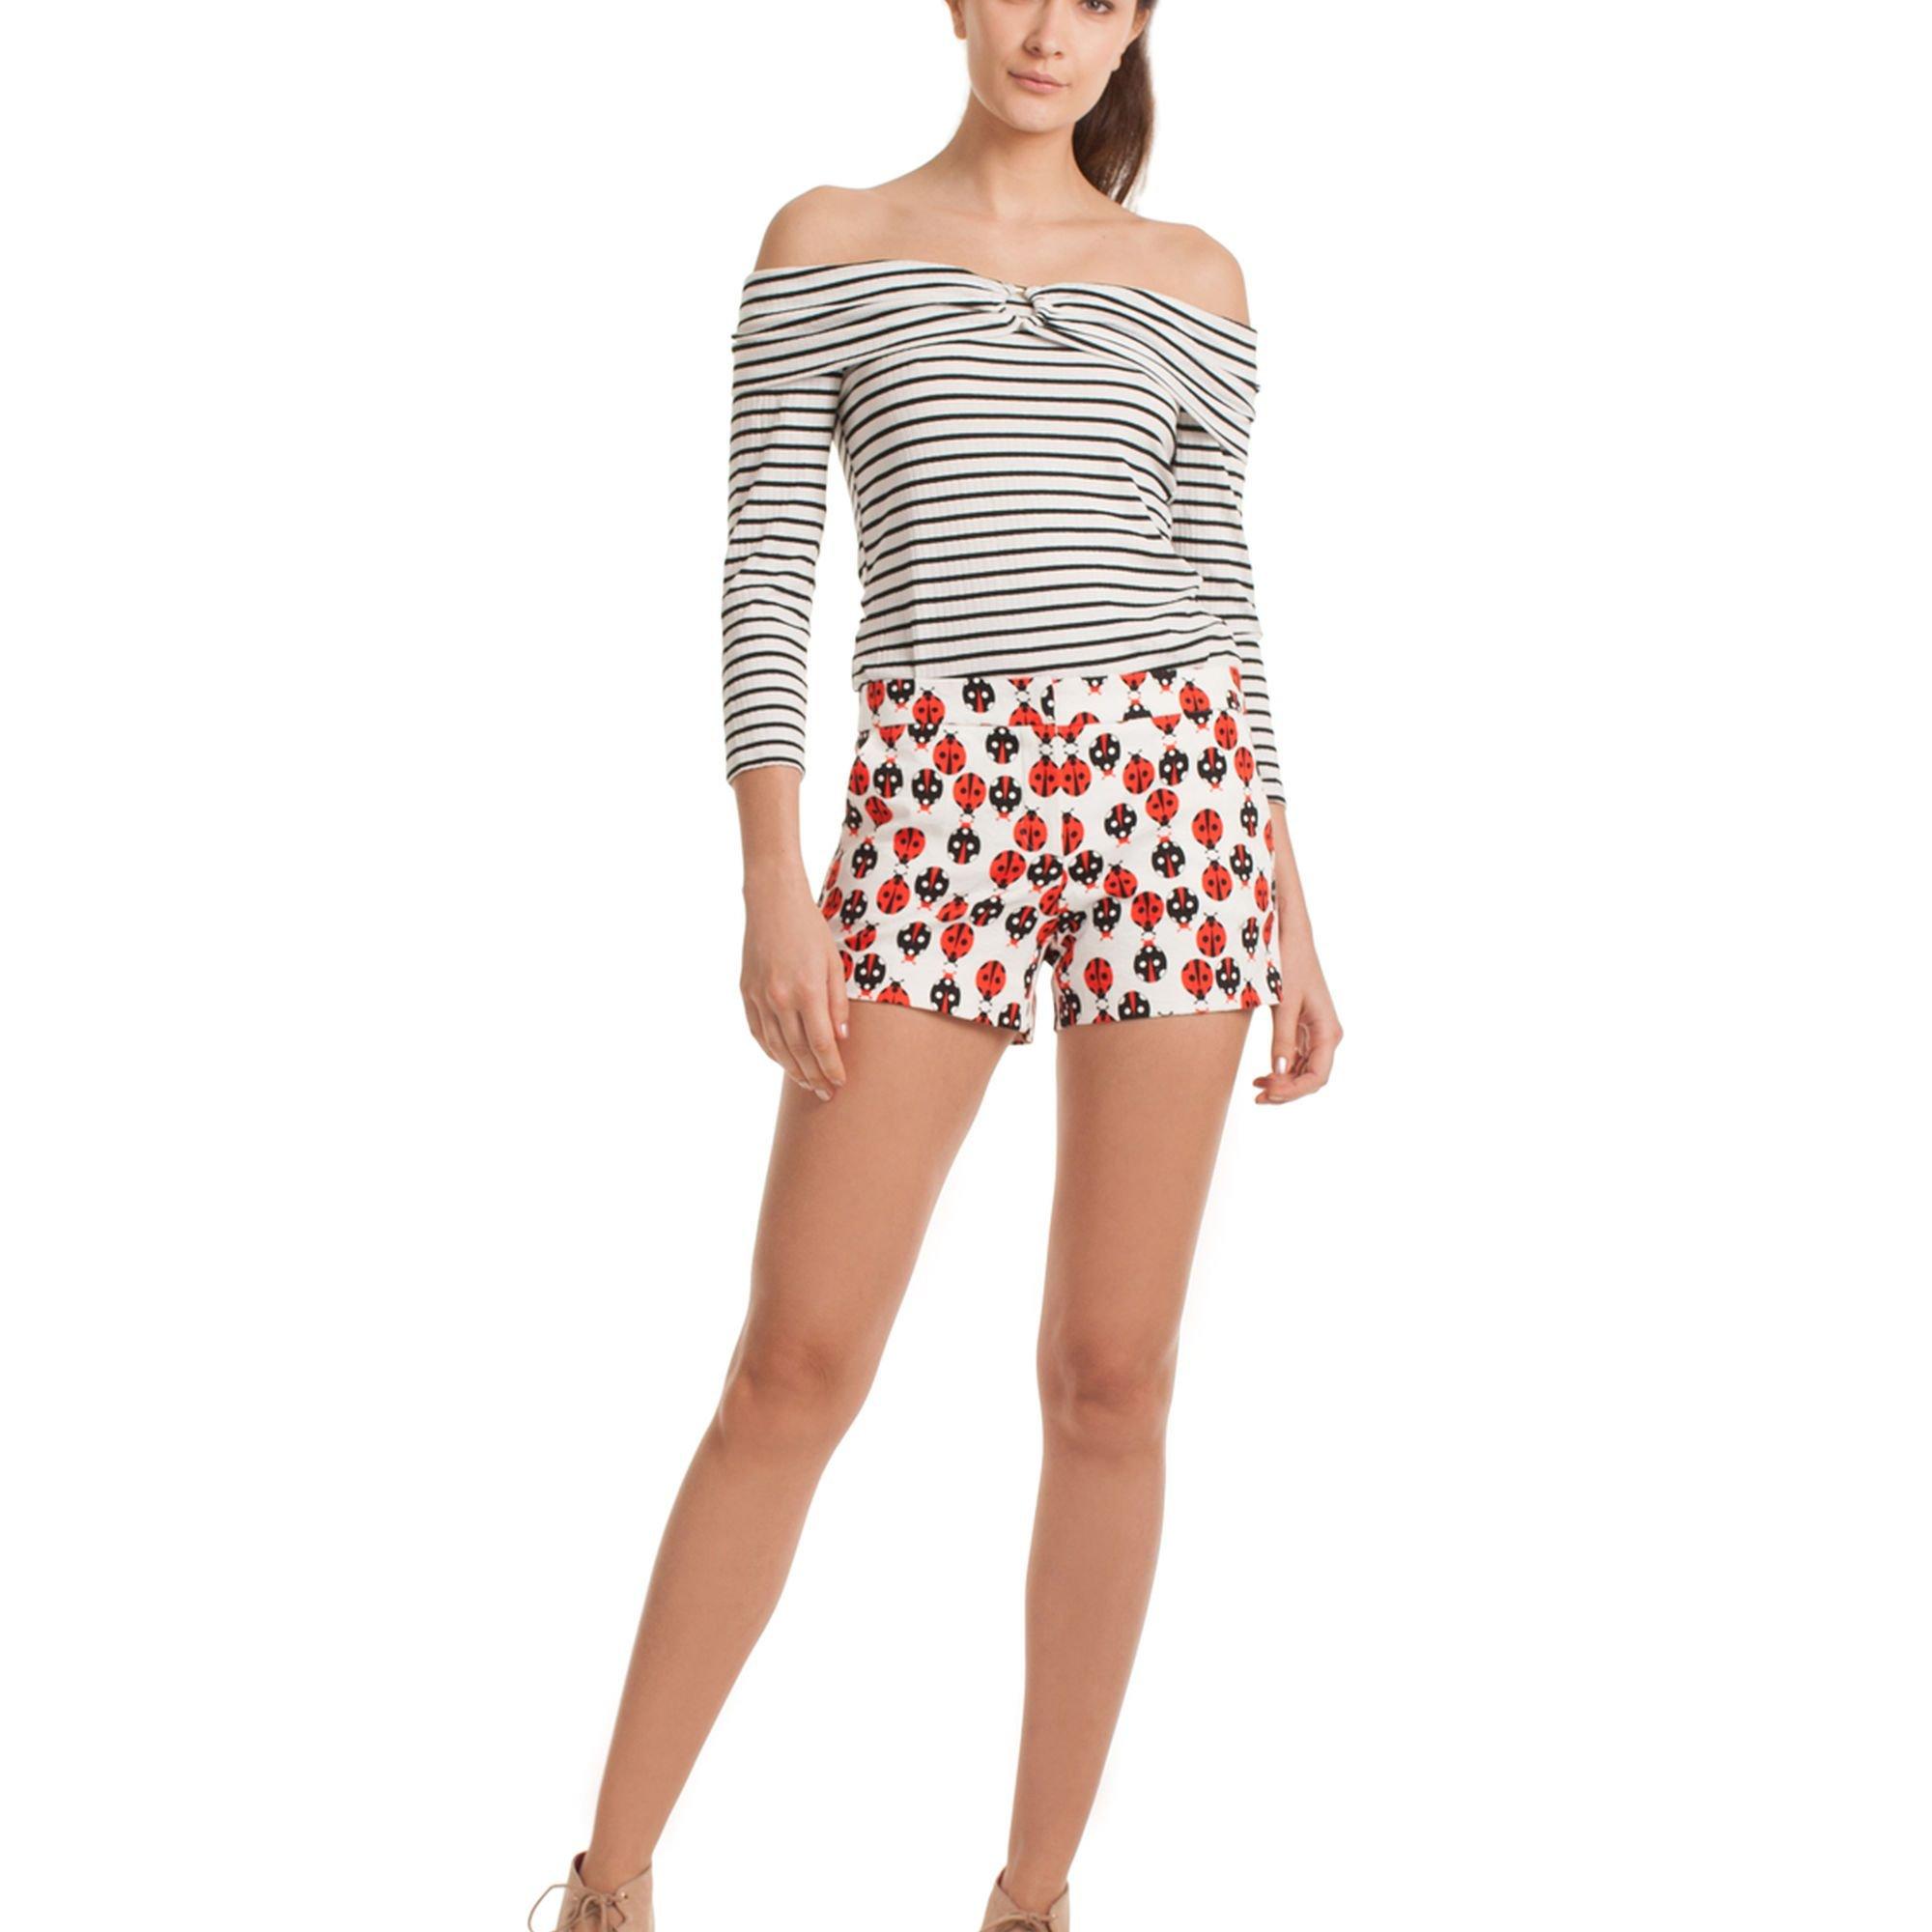 Trina Turk Corbin 2 Ladybug Shorts